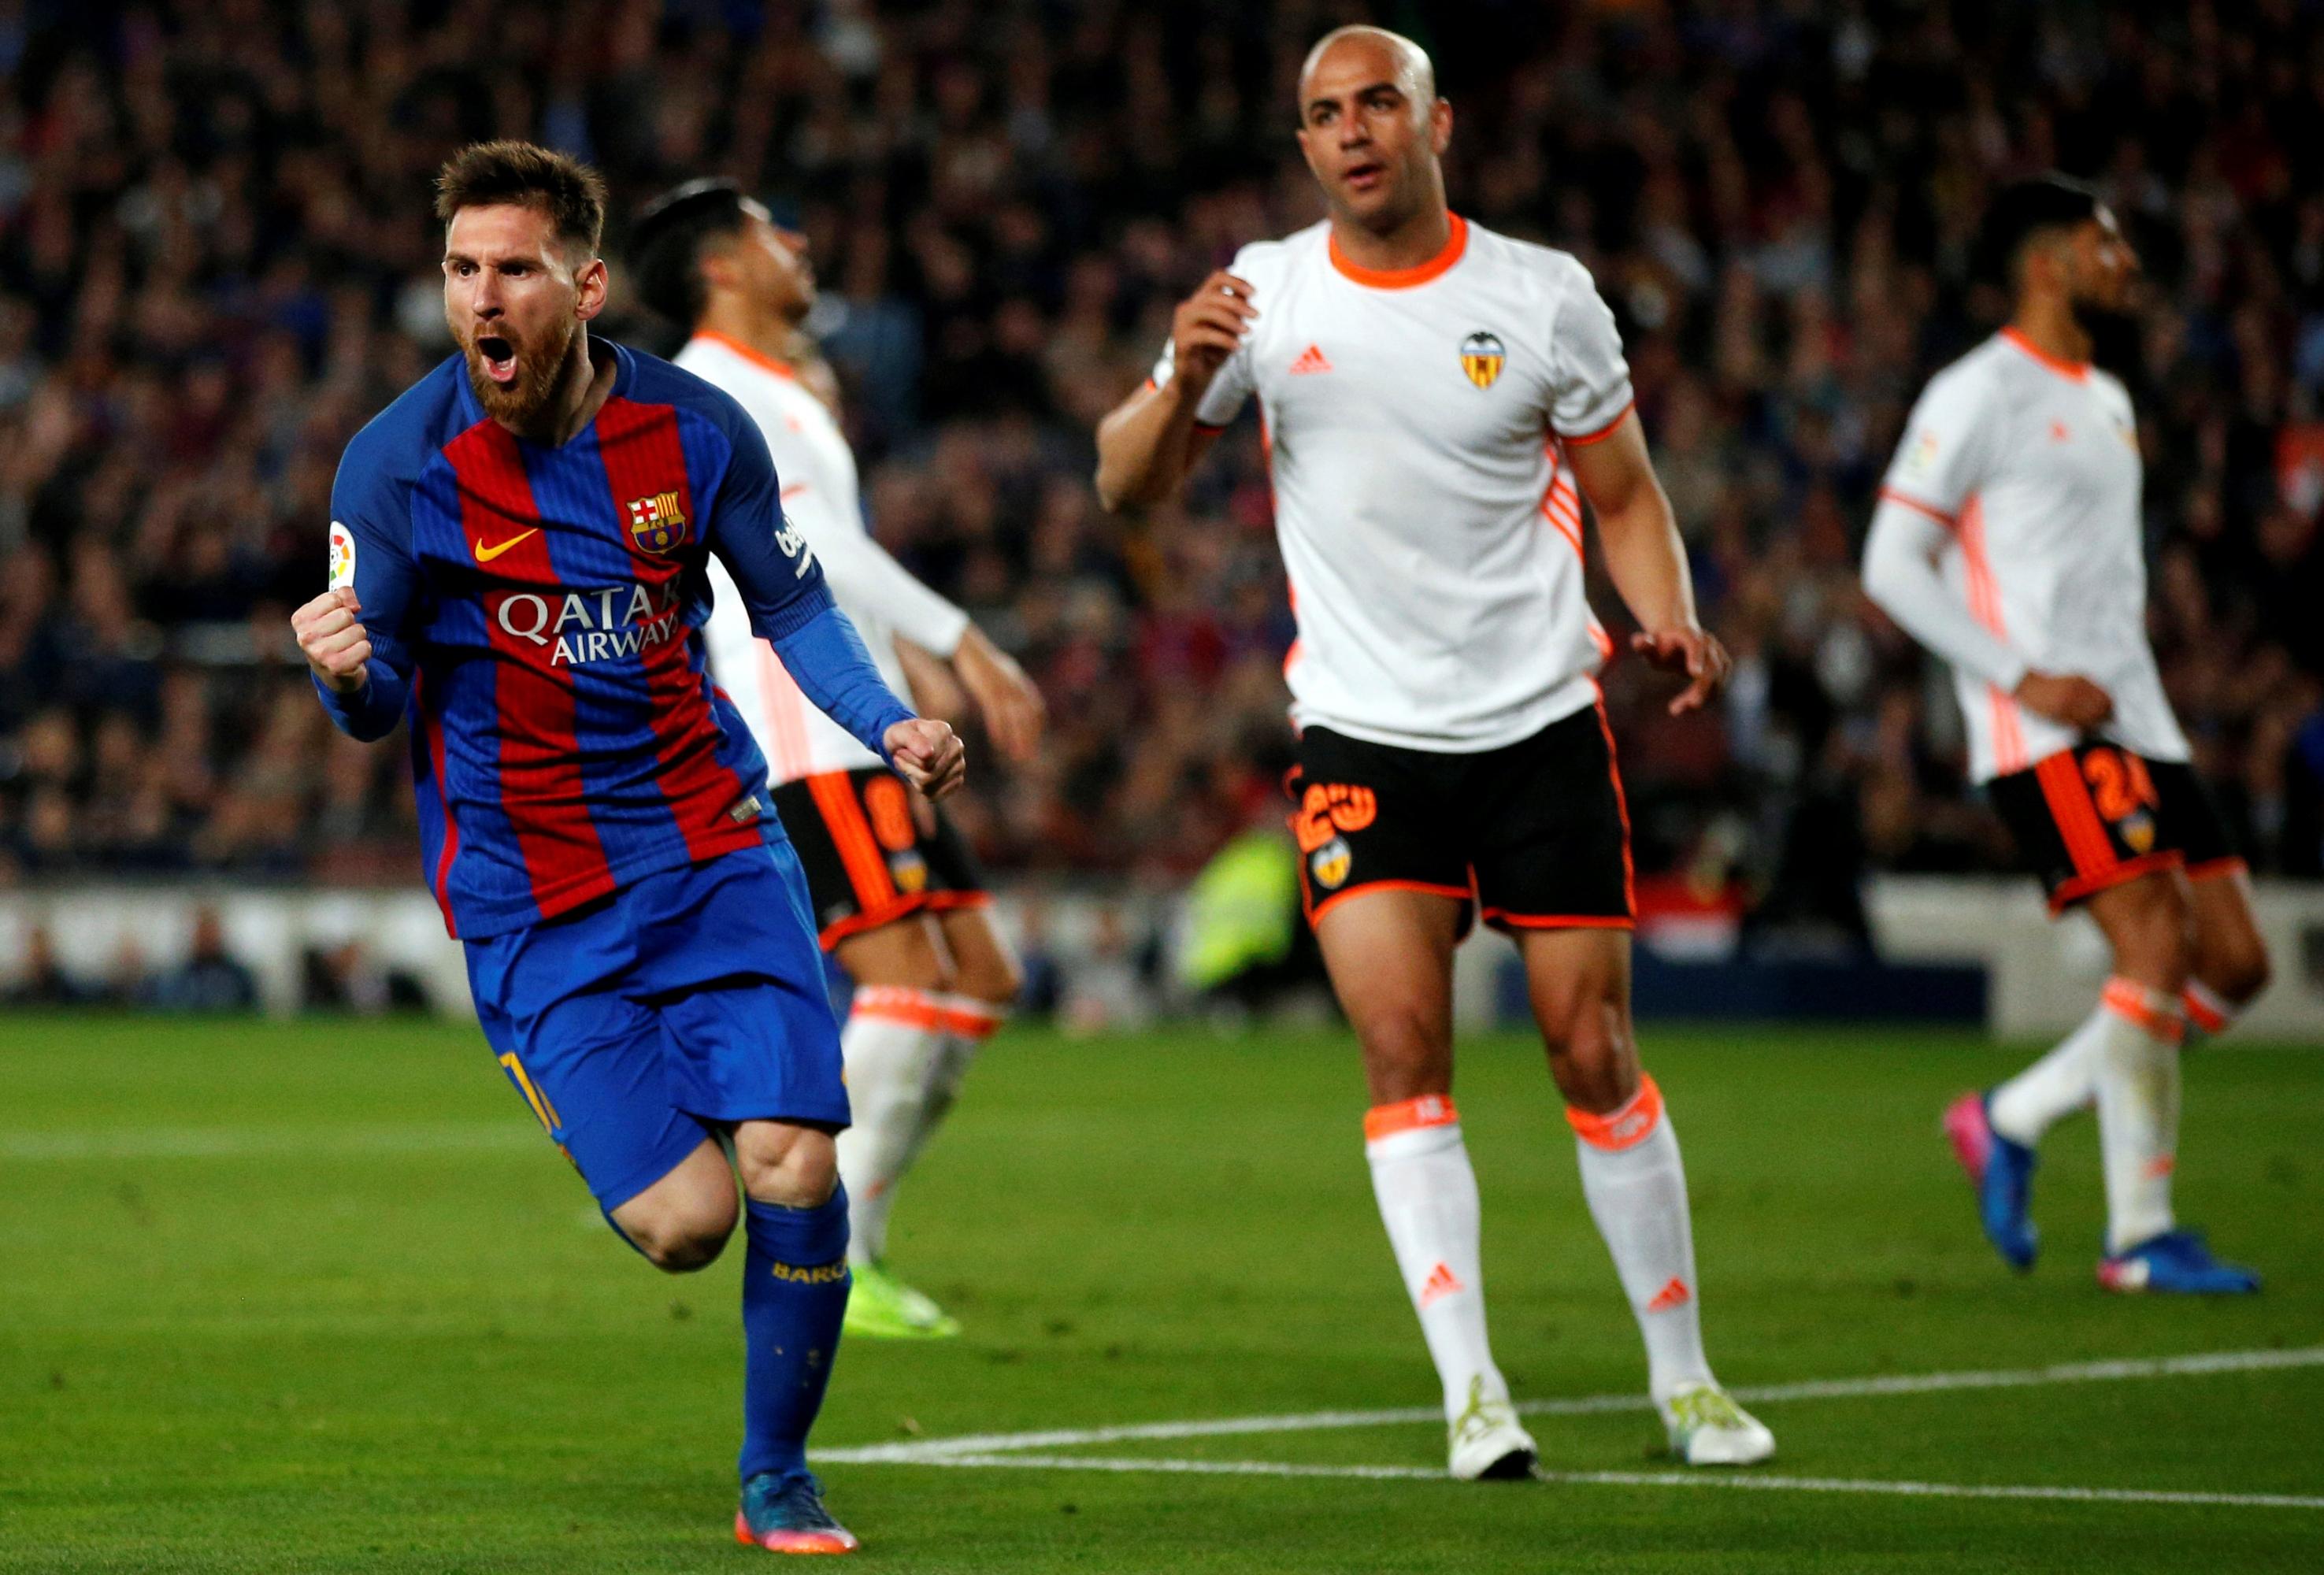 El Barça se impone a un Valencia con diez y aguanta el tirón al Real Madrid